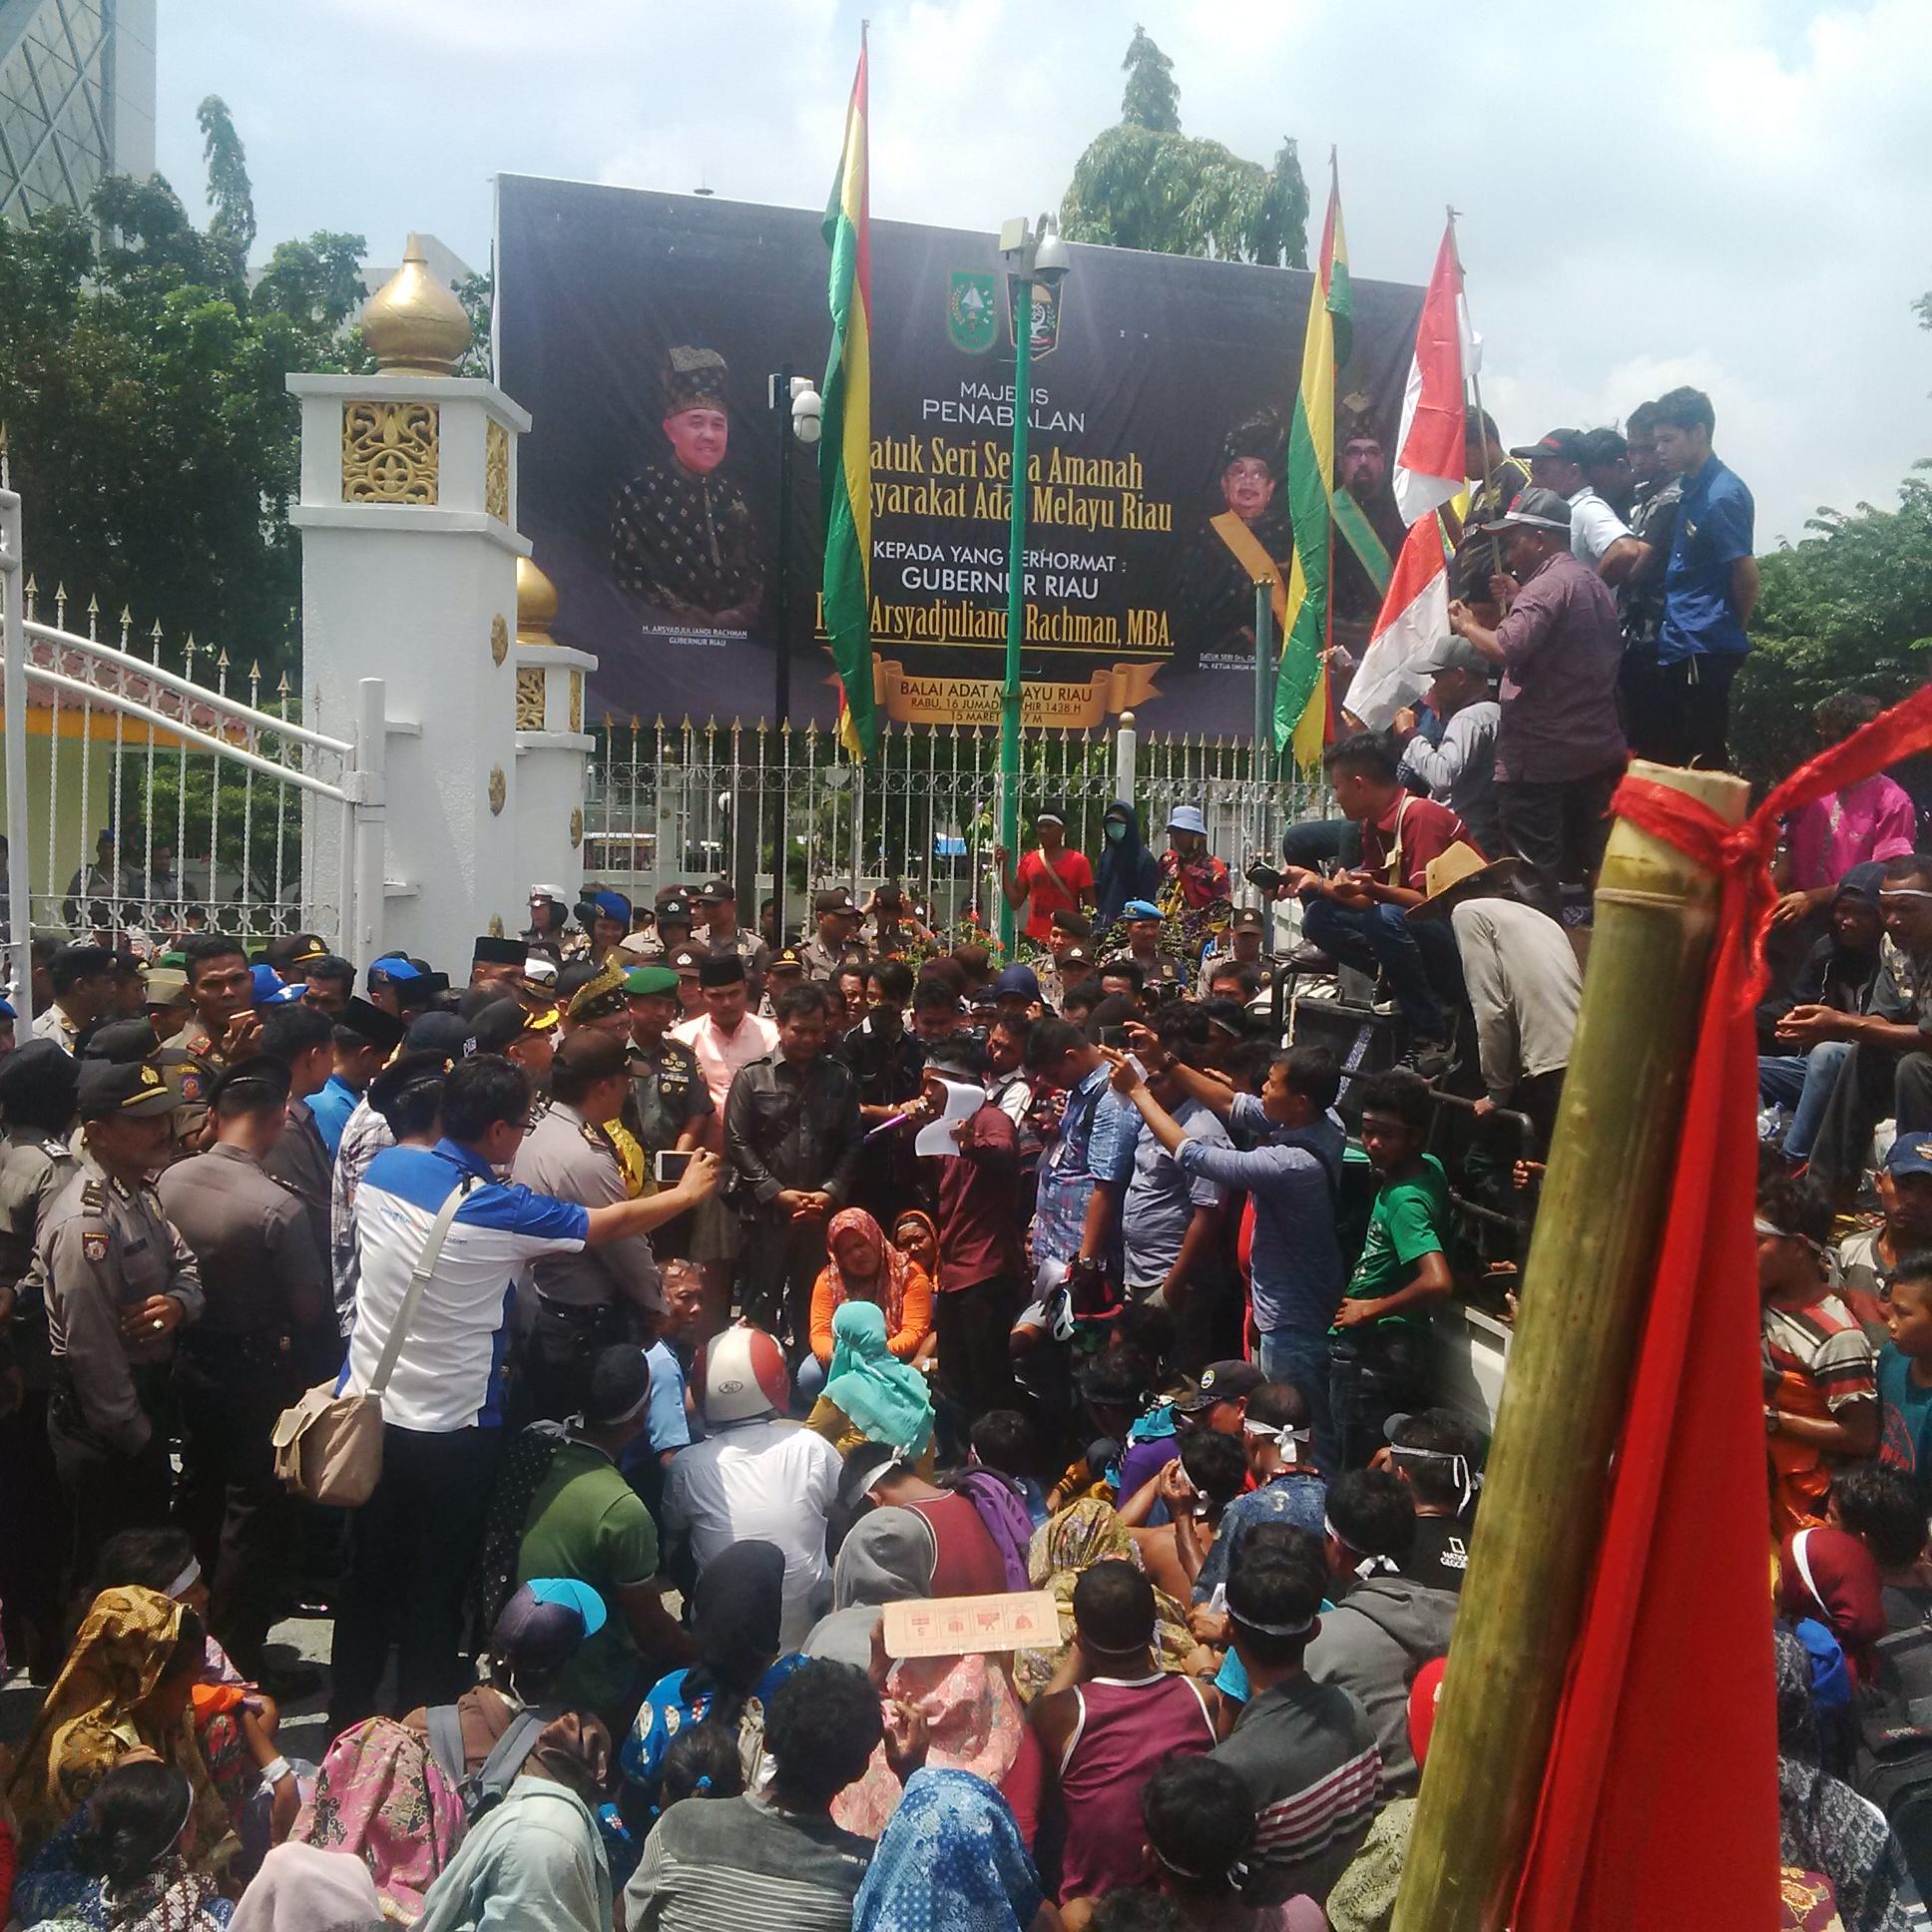 Tuntutan Tidak Dipenuhi, Masyarakat Suku Sakai Bertahan di Depan Kantor Gubernur Riau